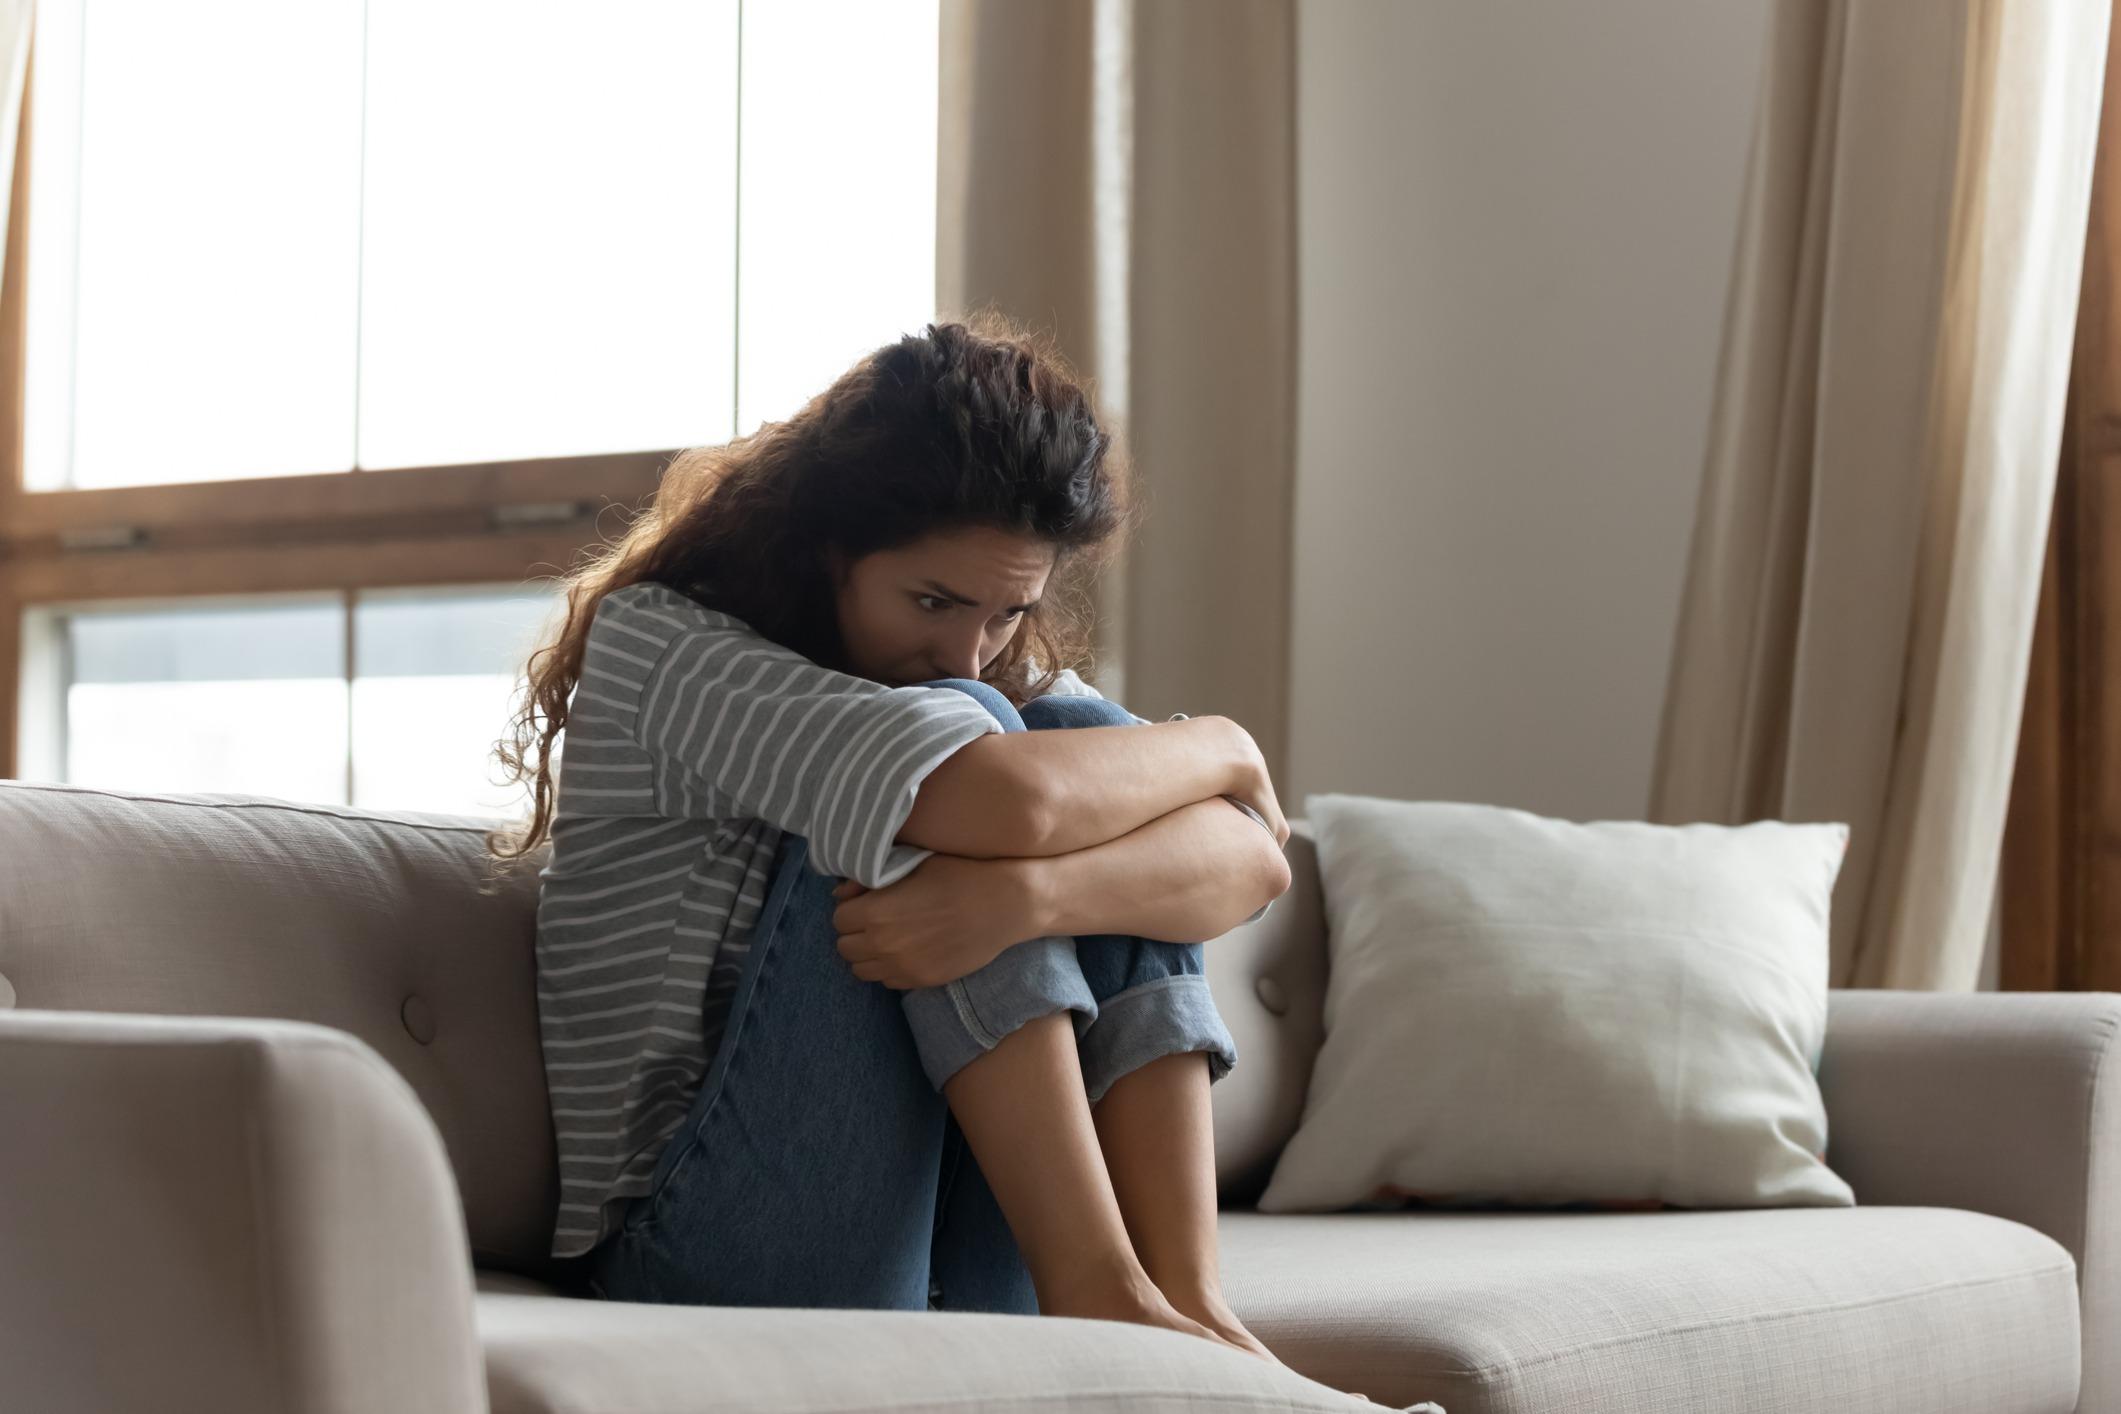 Highlighting-addiction-during-mental-illness-awareness-week